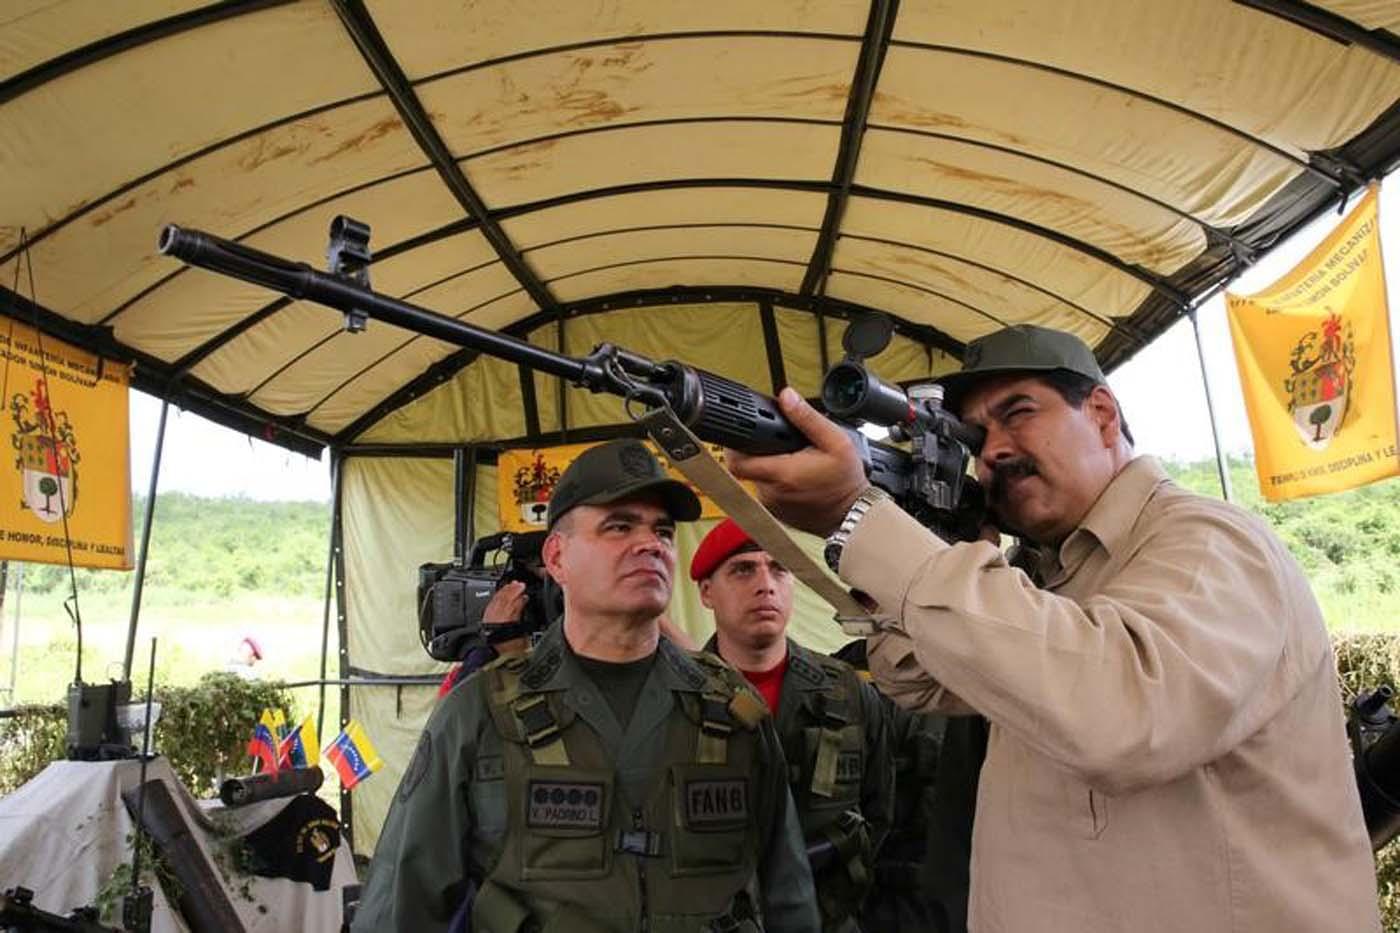 """El presidente venezolano Nicolas Maduro participa de ejercicios militares en Charallave. 14 de enero de 2017. Con el dedo en el gatillo y usando un sombrero verde oliva, el presidente de Venezuela Nicolás Maduro supervisó el sábado frente a las cámaras de televisión un despliegue de ejercicios militares que buscan preparar al país para un posible ataque """"imperialista"""". Palacio de Miraflores/via REUTERS. ATENCIÓN EDITORES - SOLO PARA USO EDITORIAL. NO ESTÁ A LA VENTA Y NO SE PUEDE USAR EN CAMPAÑAS PUBLICITARIAS. ESTA IMAGEN HA SIDO ENTREGADA POR UN TERCERO Y SE DISTRIBUYE COMO UN SERVICIO A LOS CLIENTES."""